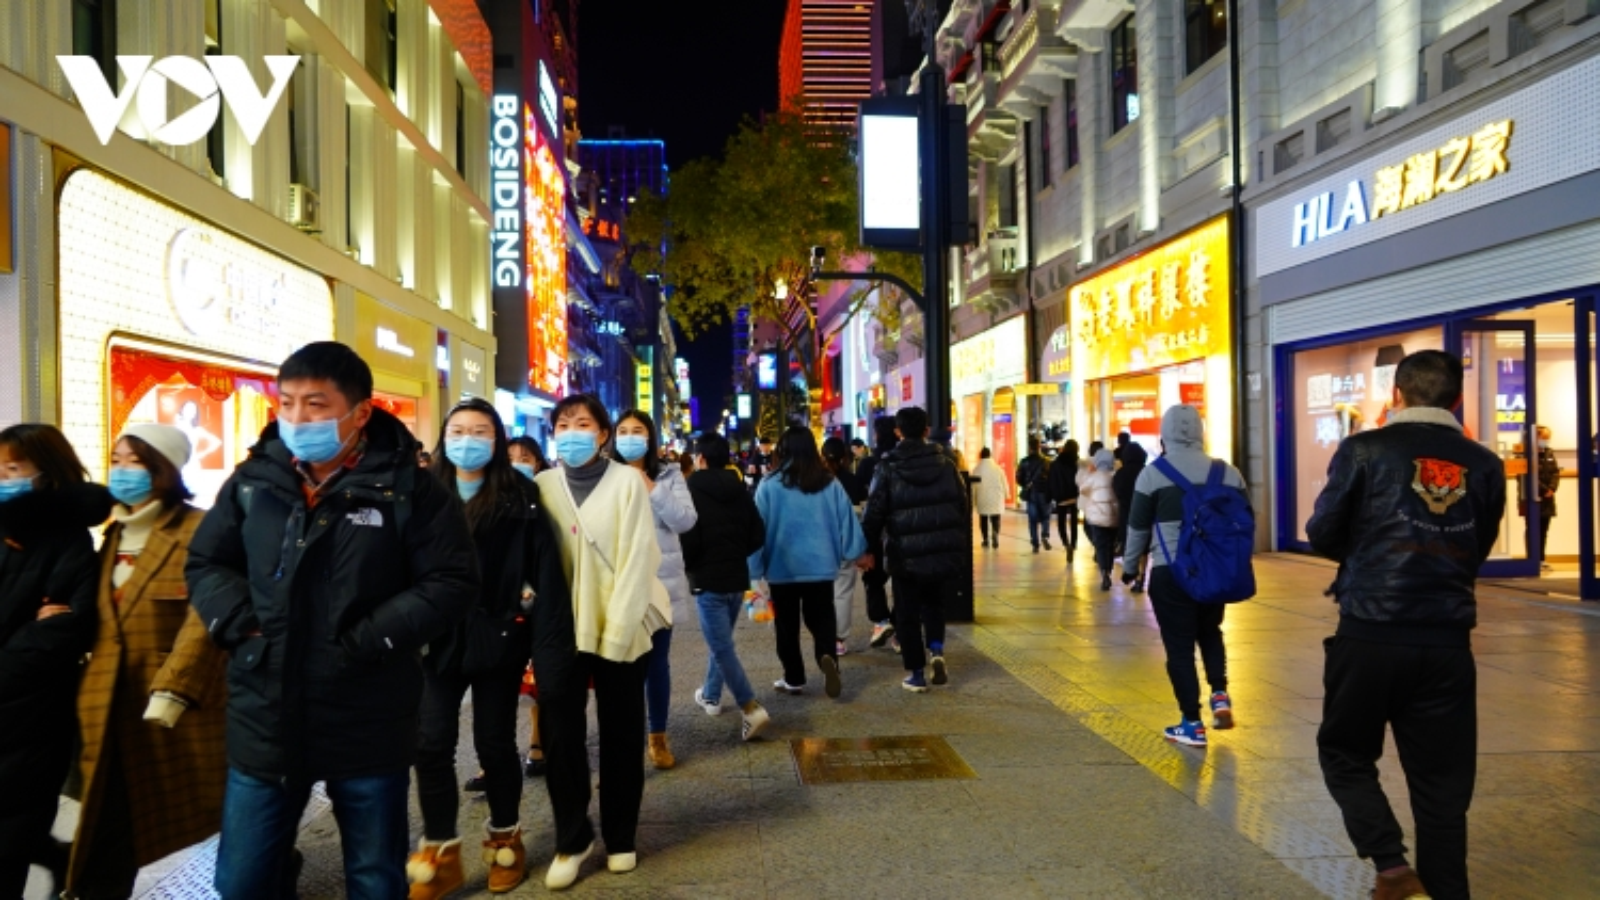 Vũ Hán gửi lời chúc thế giới bình an trong năm mới 2021